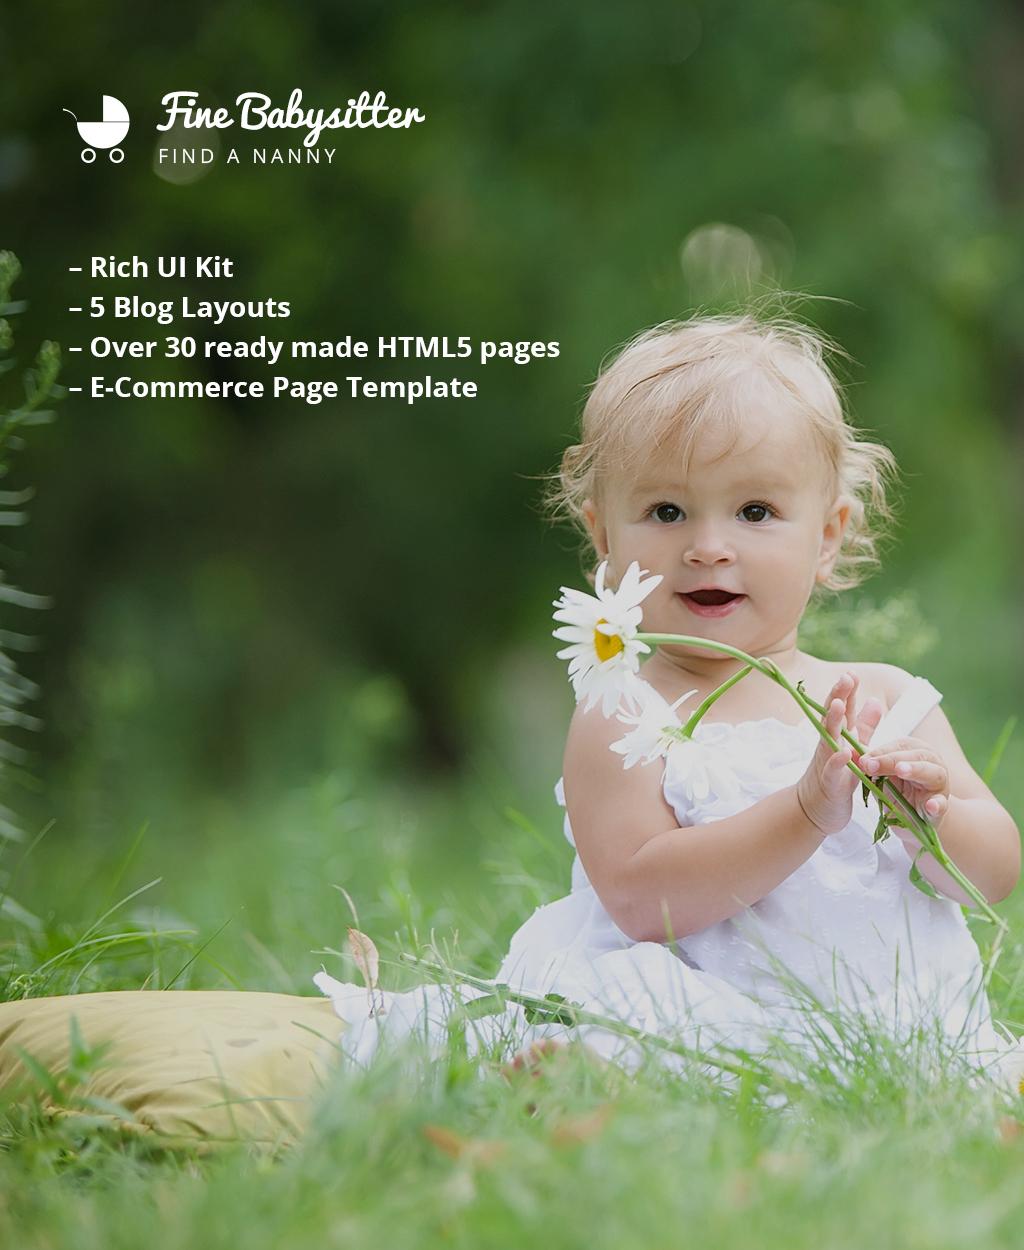 Reszponzív Fine Babysitter - Nanny Services Responsive Multipage Weboldal sablon 62238